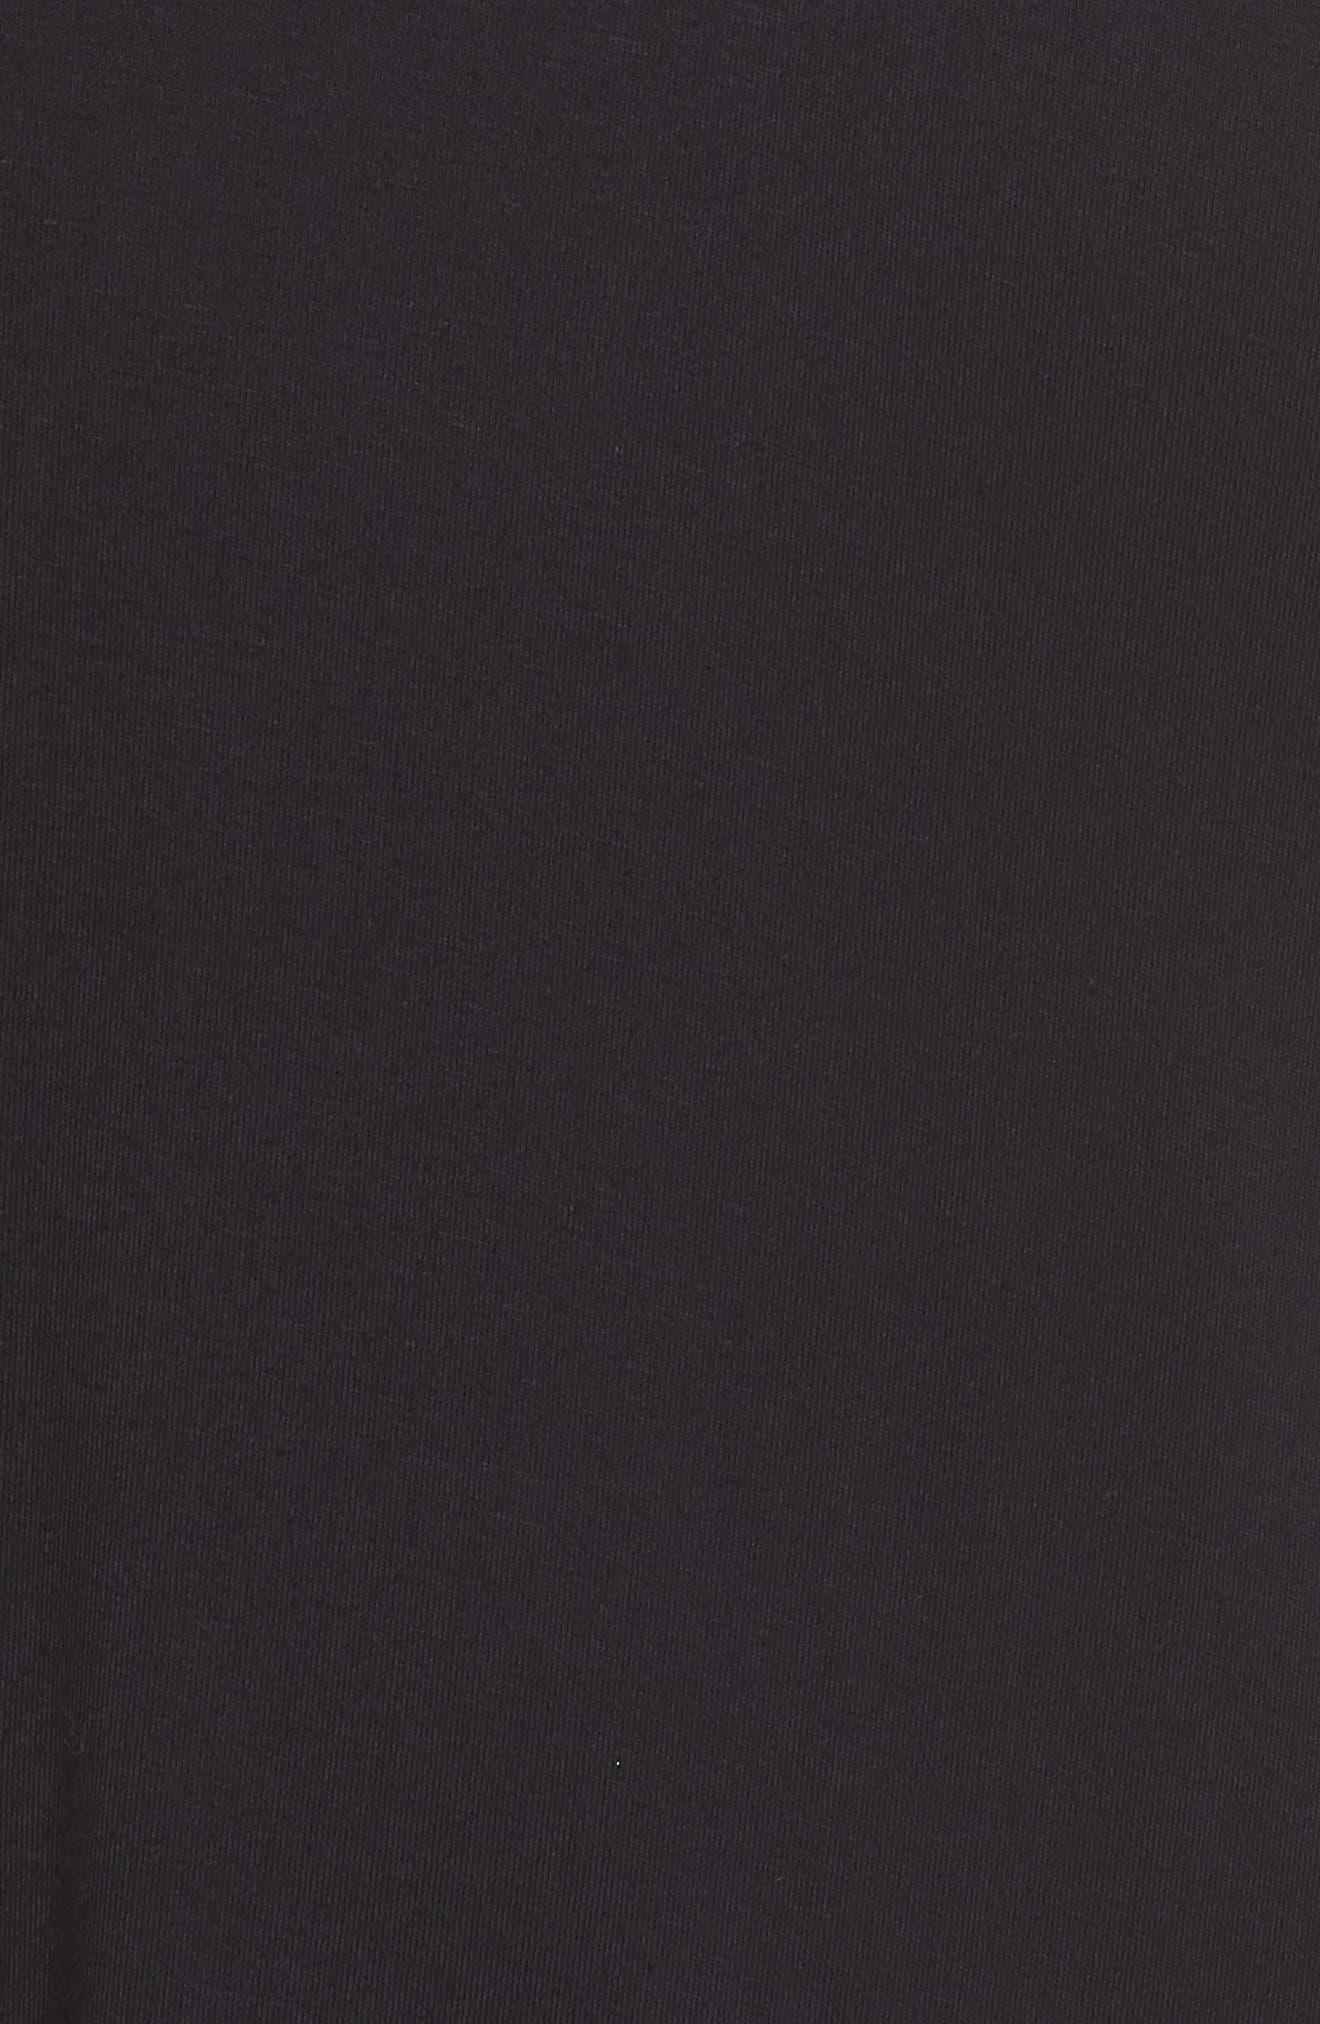 Crochet Mesh Yoke Tank,                             Alternate thumbnail 5, color,                             Black